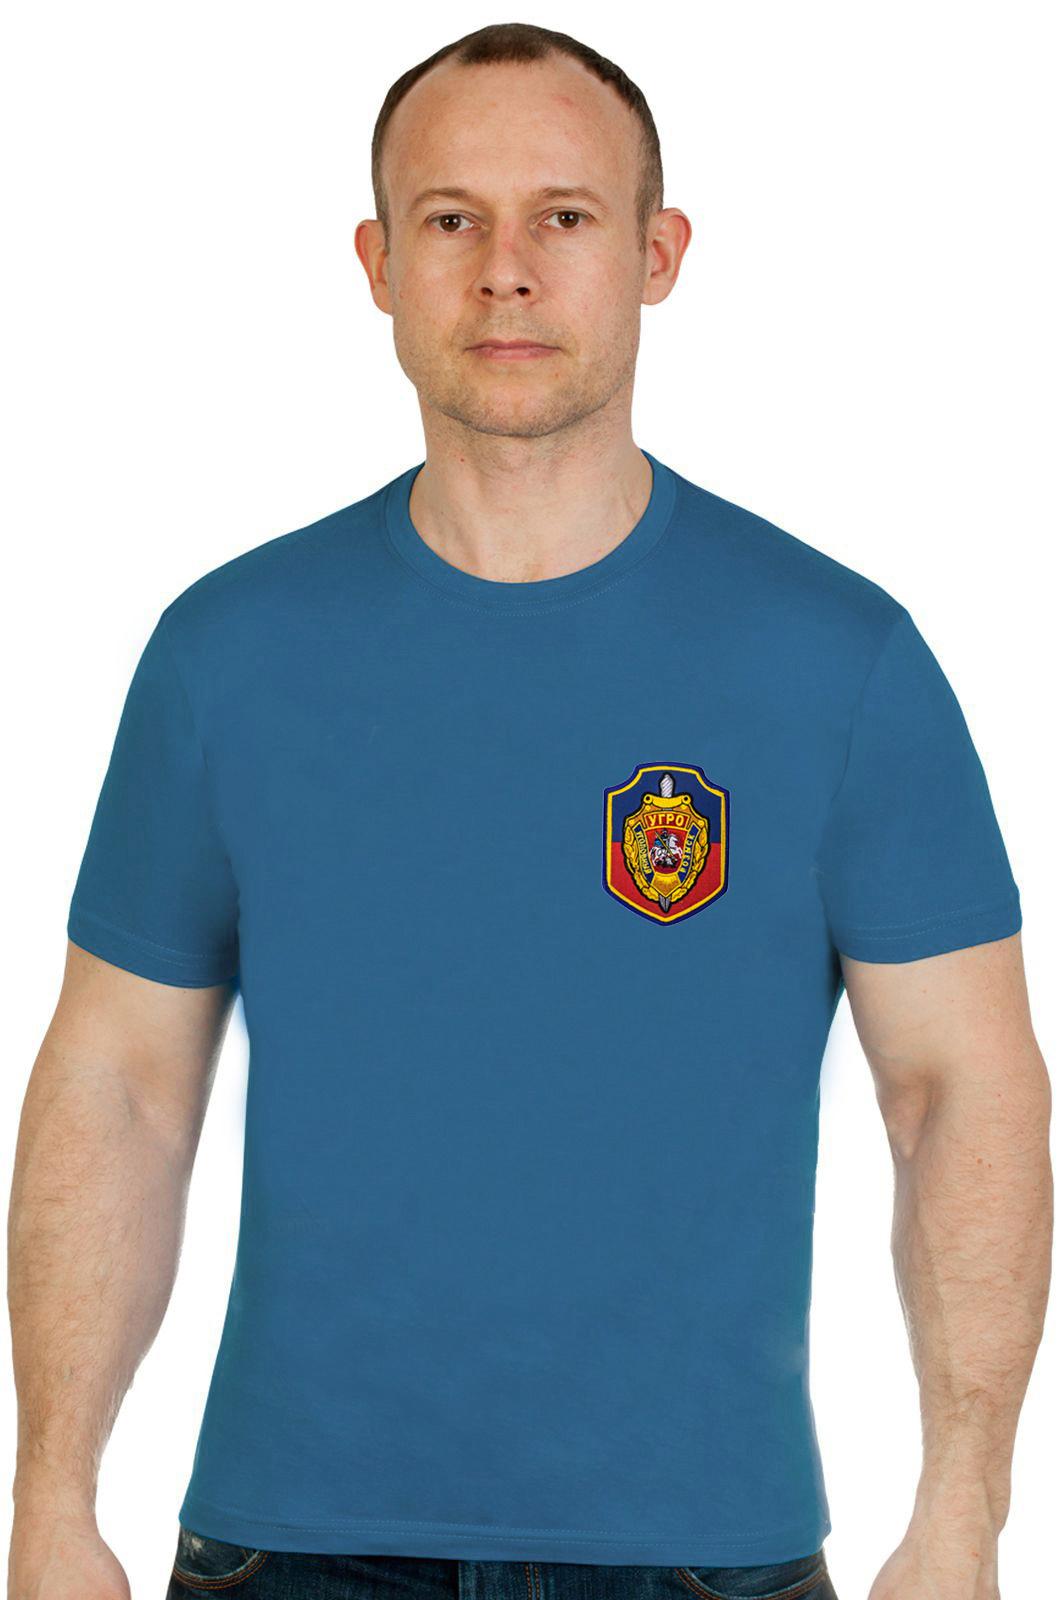 Купить строгую мужскую футболку с вышивкой Уголовный Розыск в подарок любимому